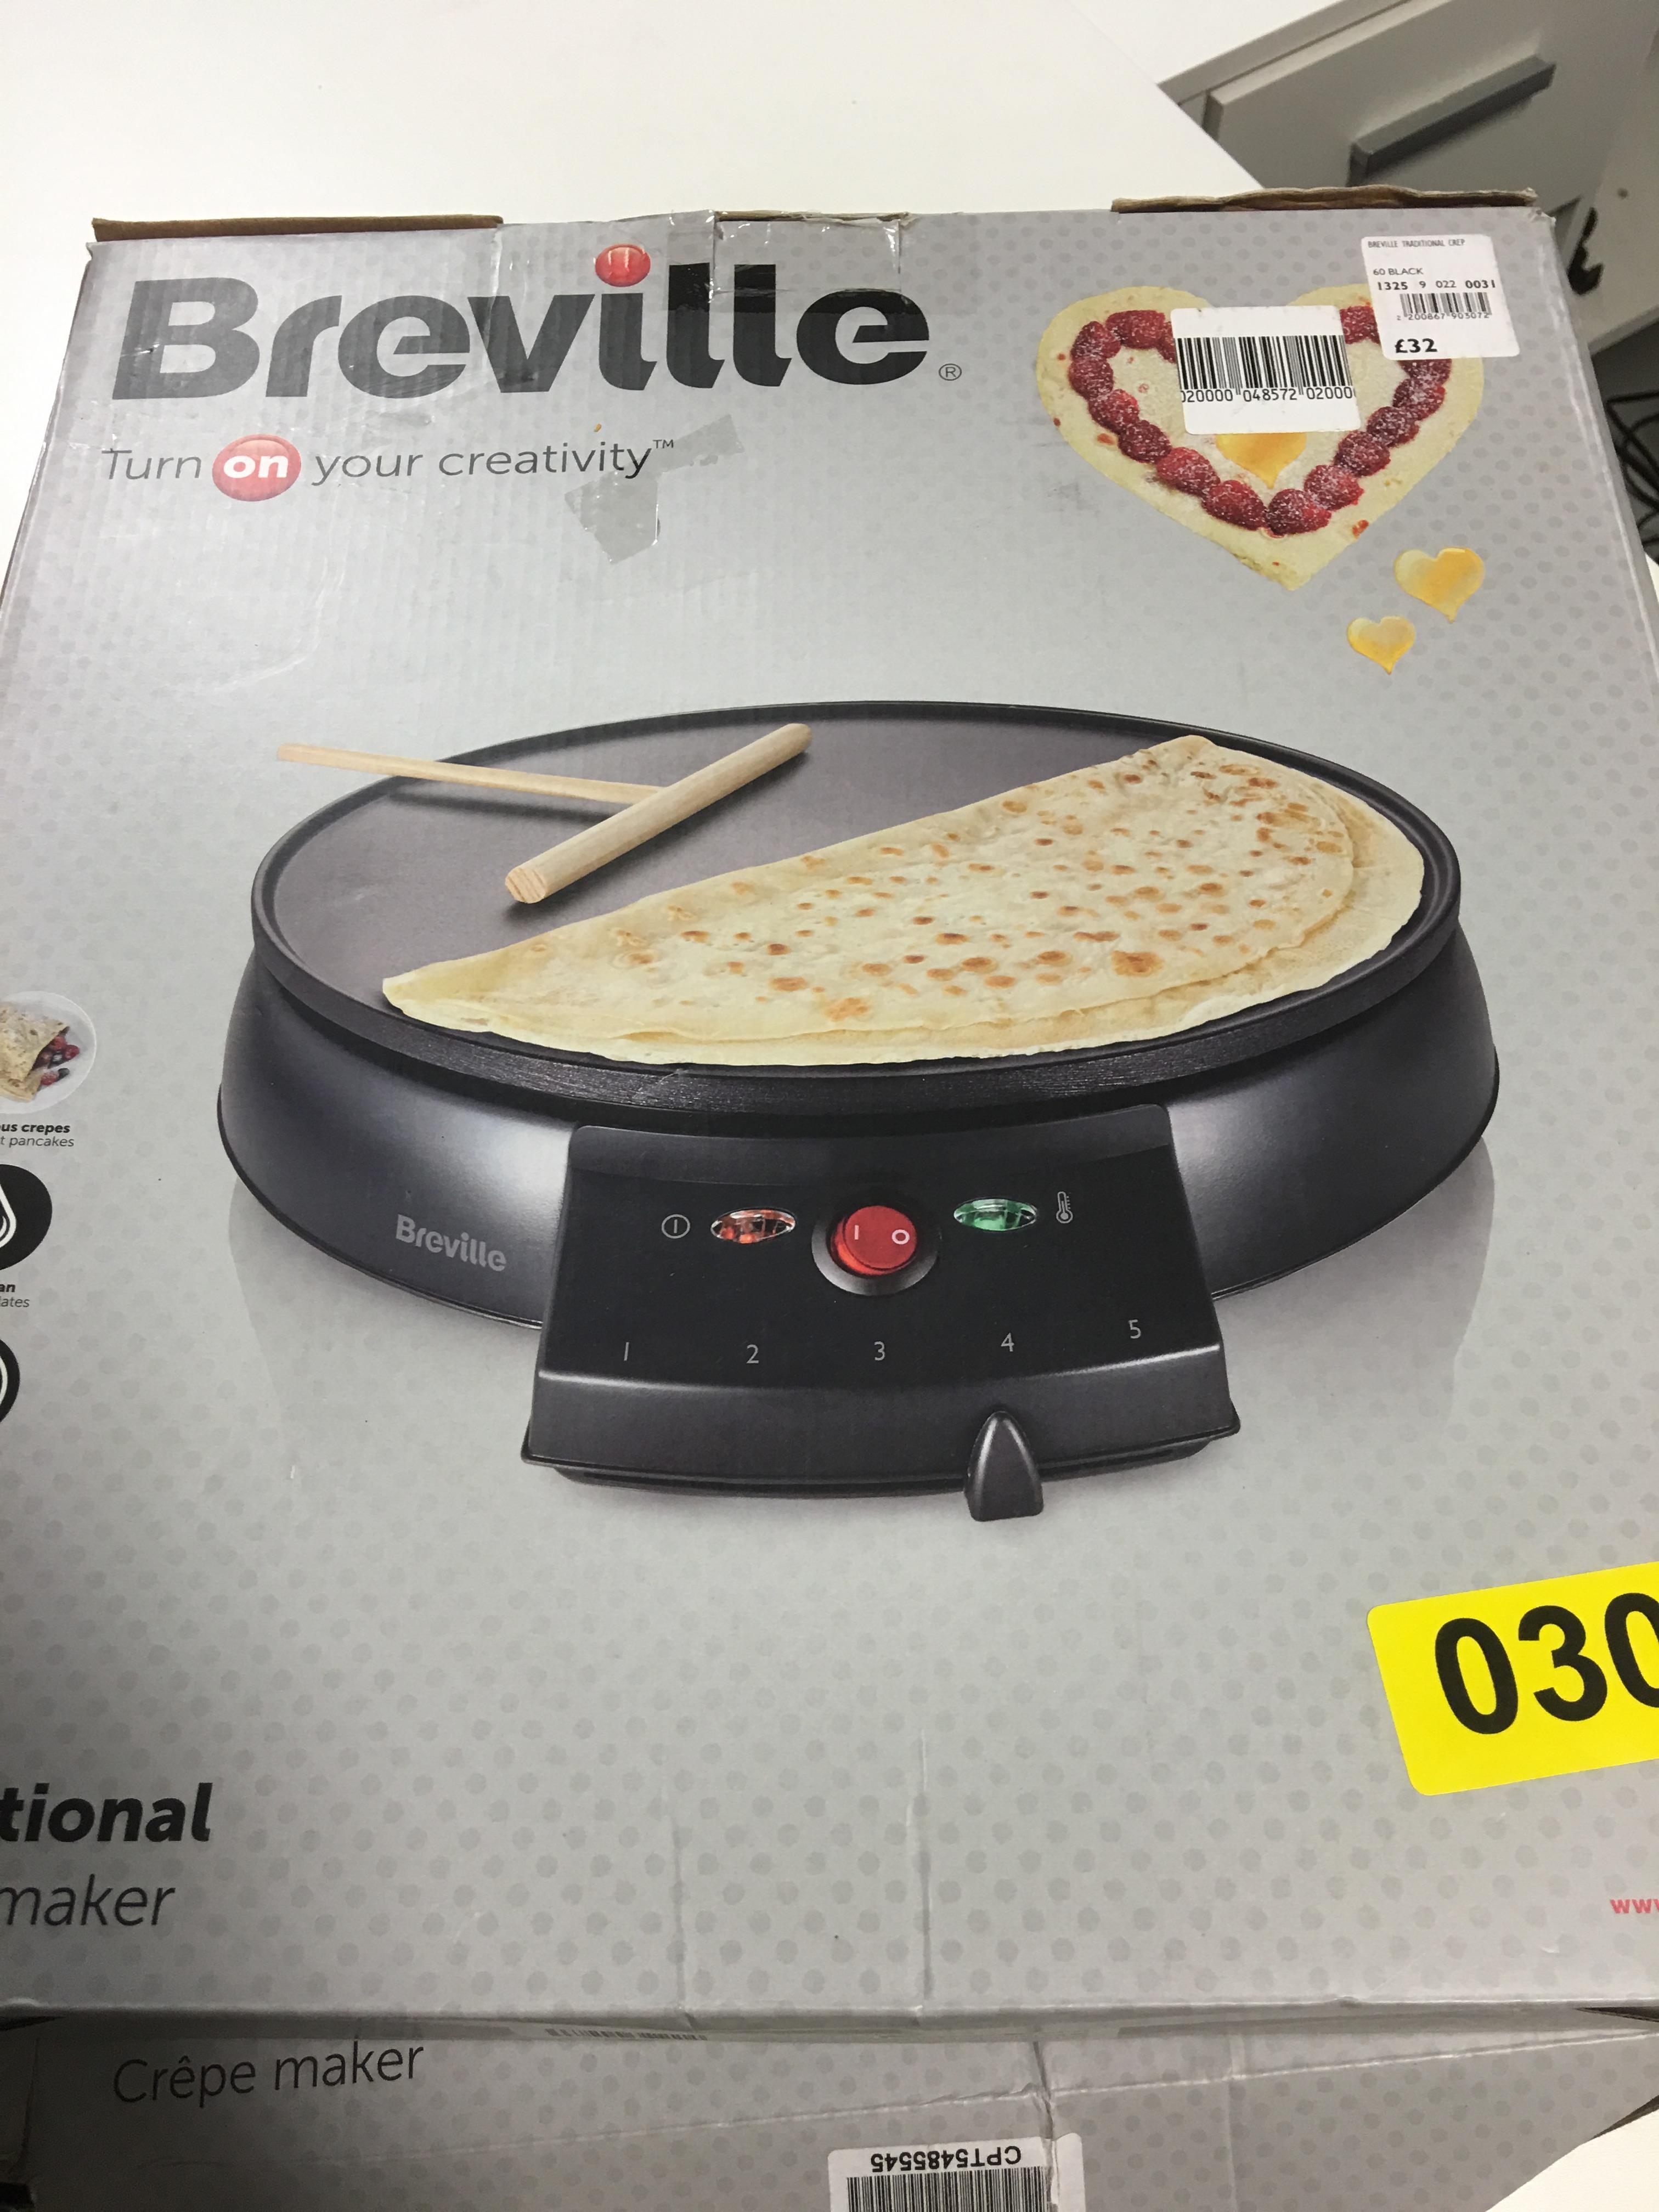 Lot 49 - Breville Crepe Maker - Y30